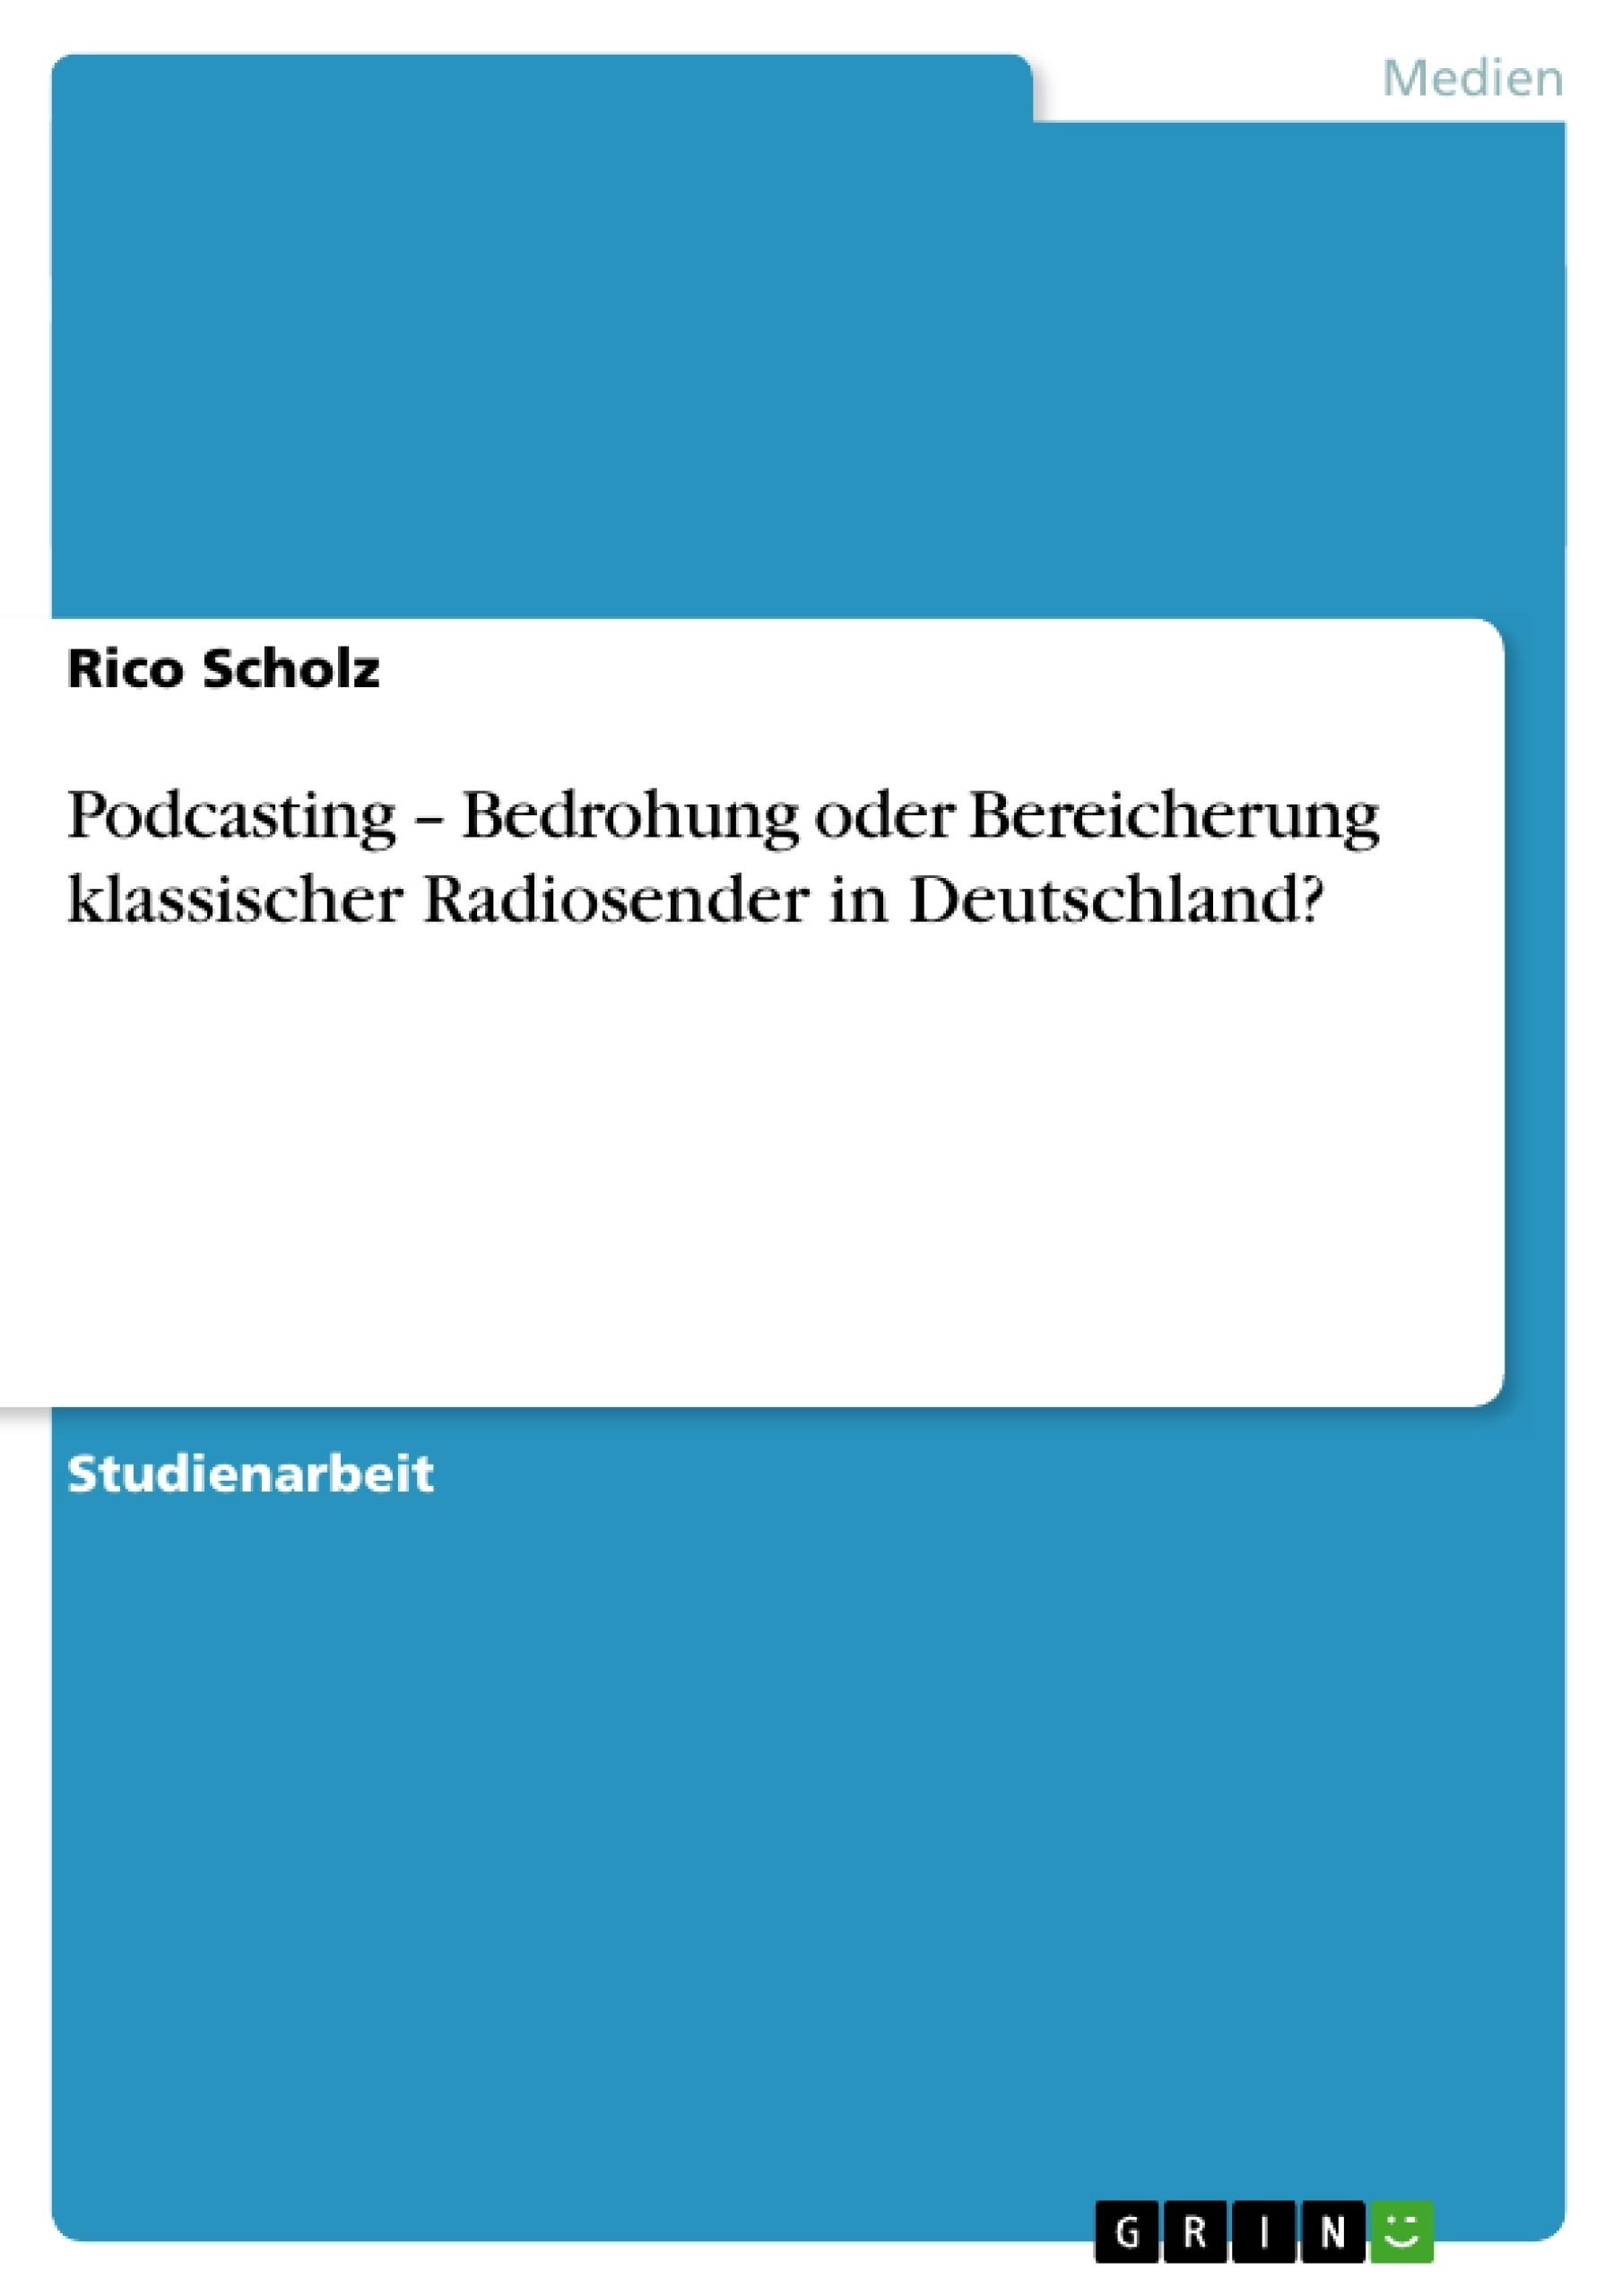 Titel: Podcasting – Bedrohung oder Bereicherung klassischer Radiosender in Deutschland?